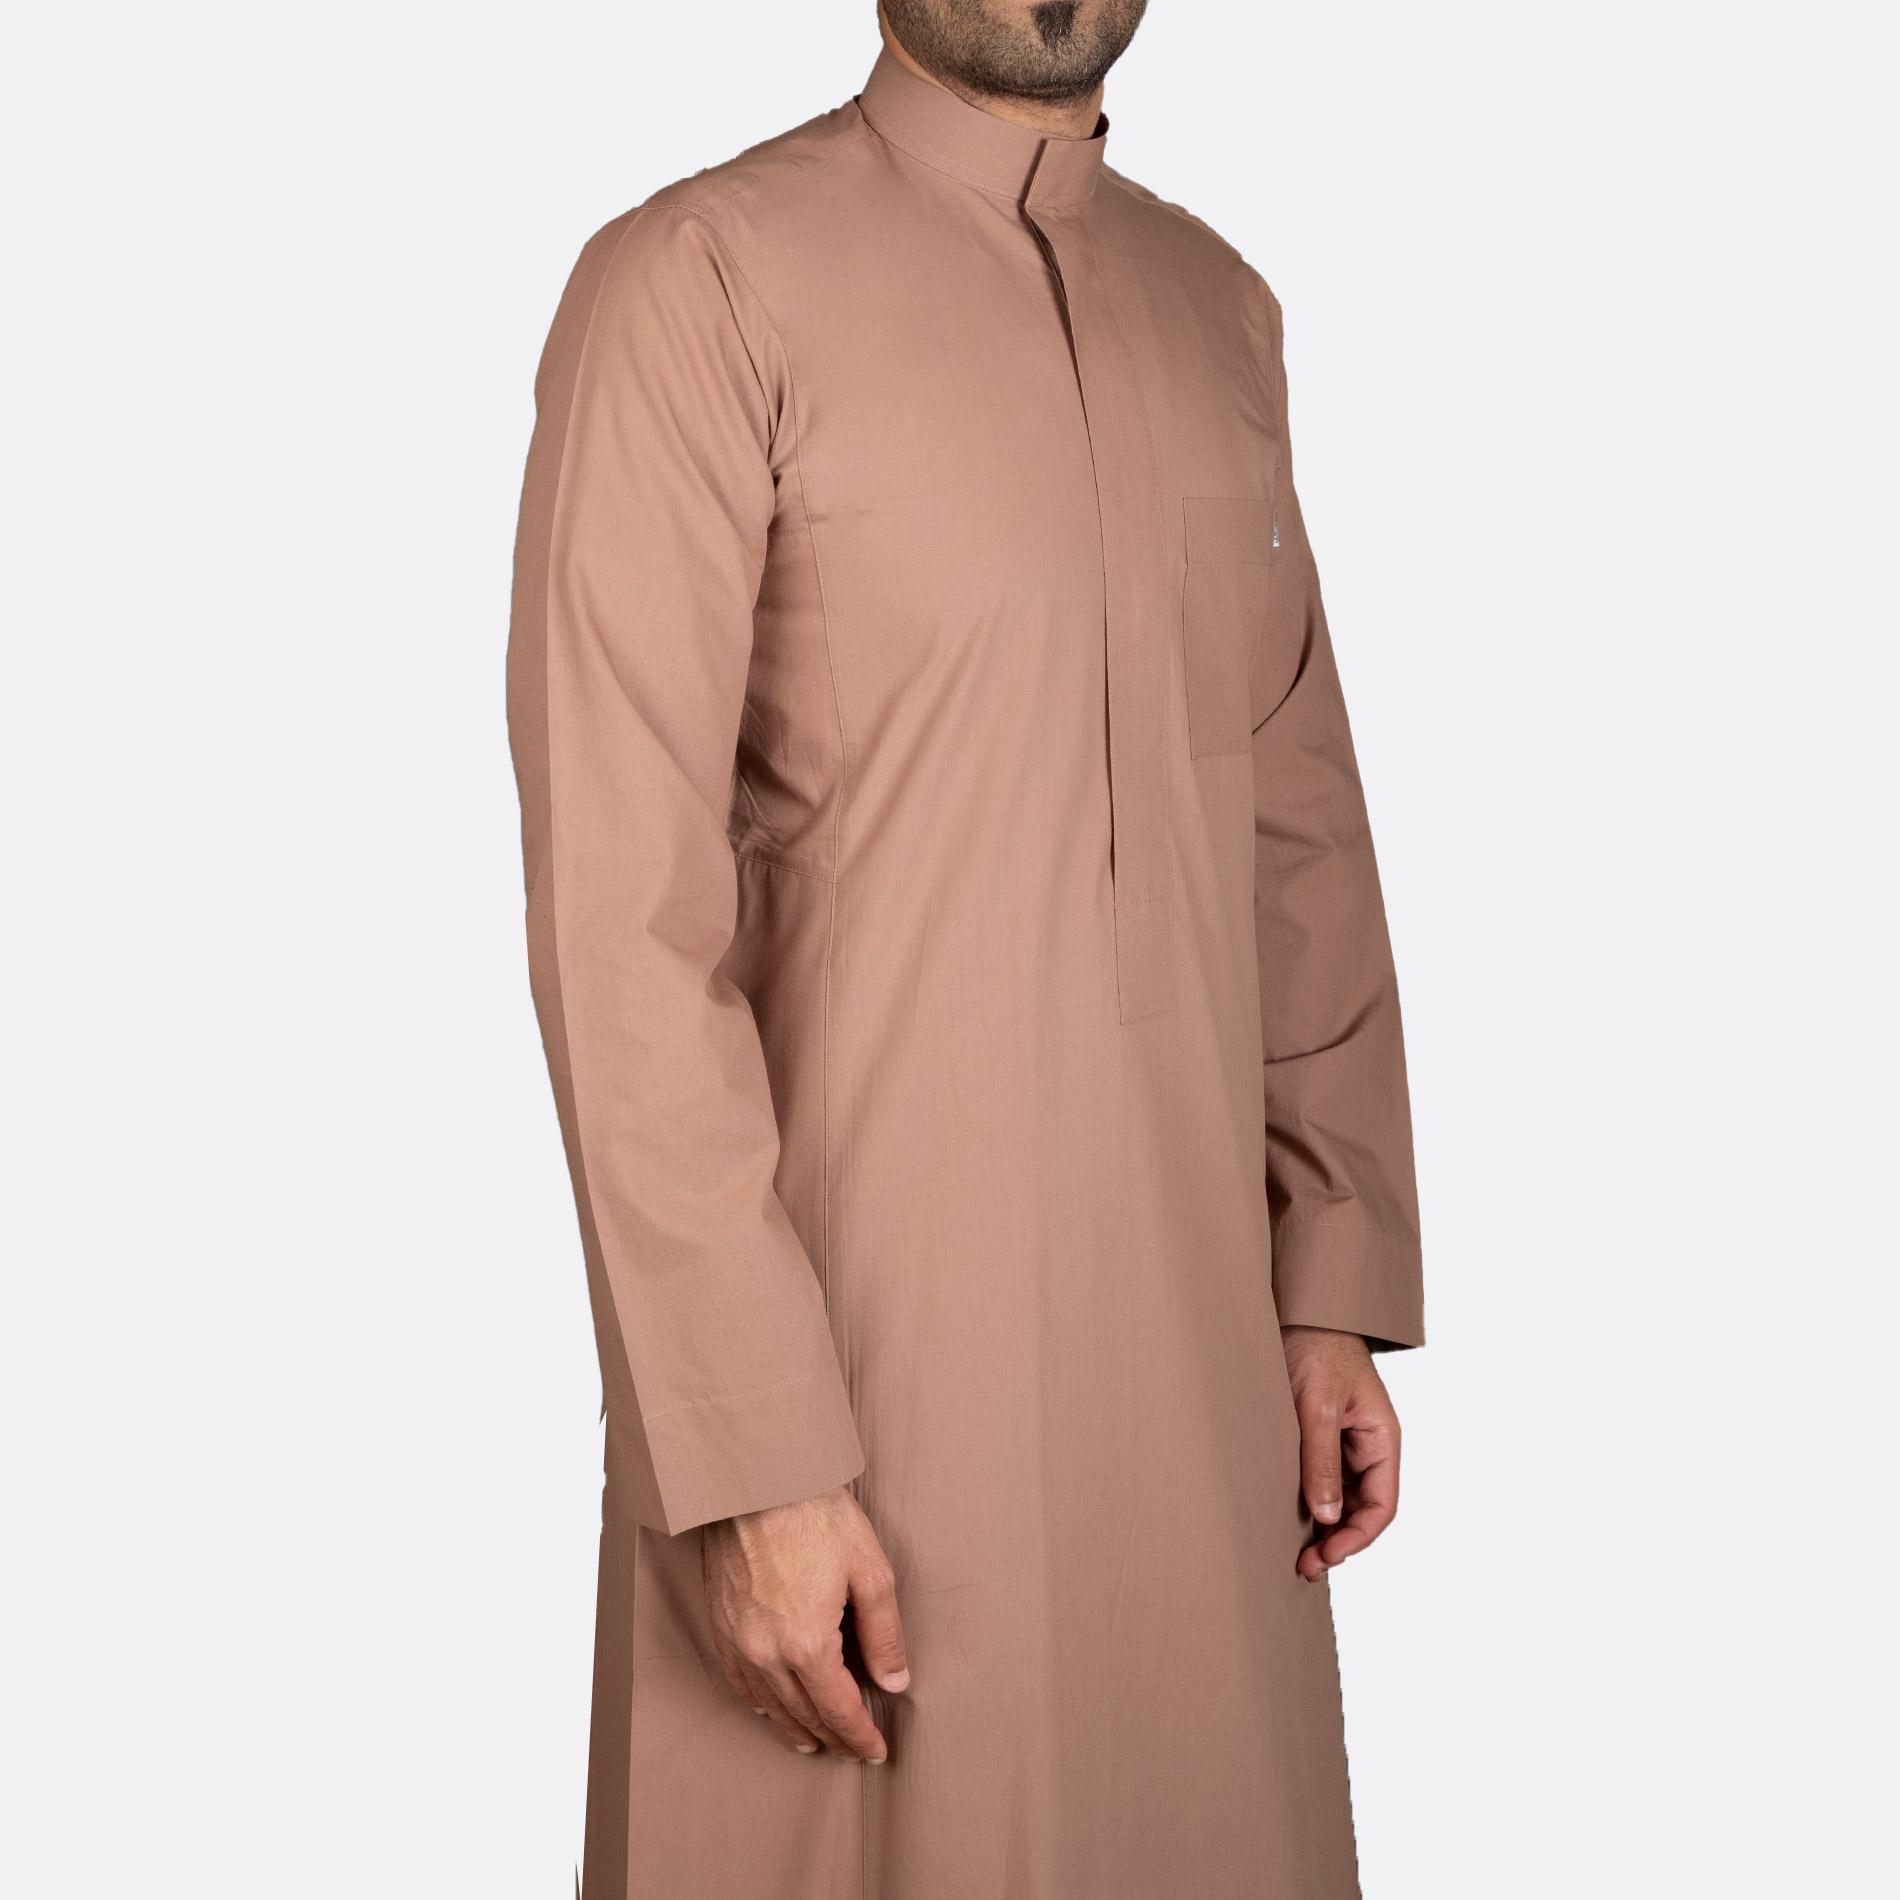 ثوب كلاسيكي قطن جملي سحاب